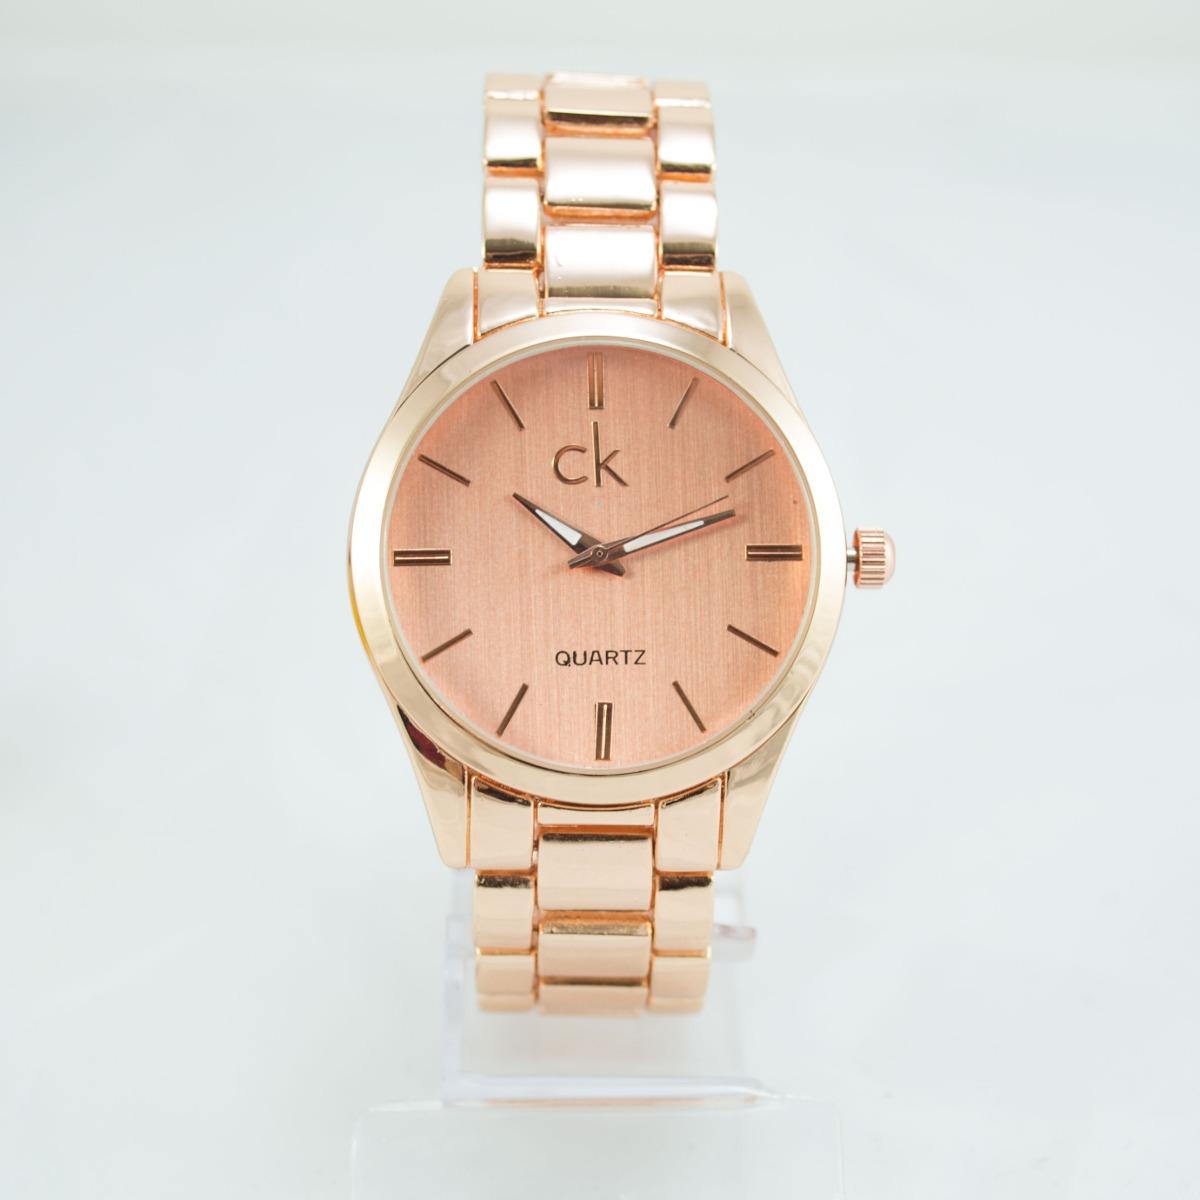 c45f818d0d9 relógio feminino ck dourado rose analogico novo + caixa. Carregando zoom.